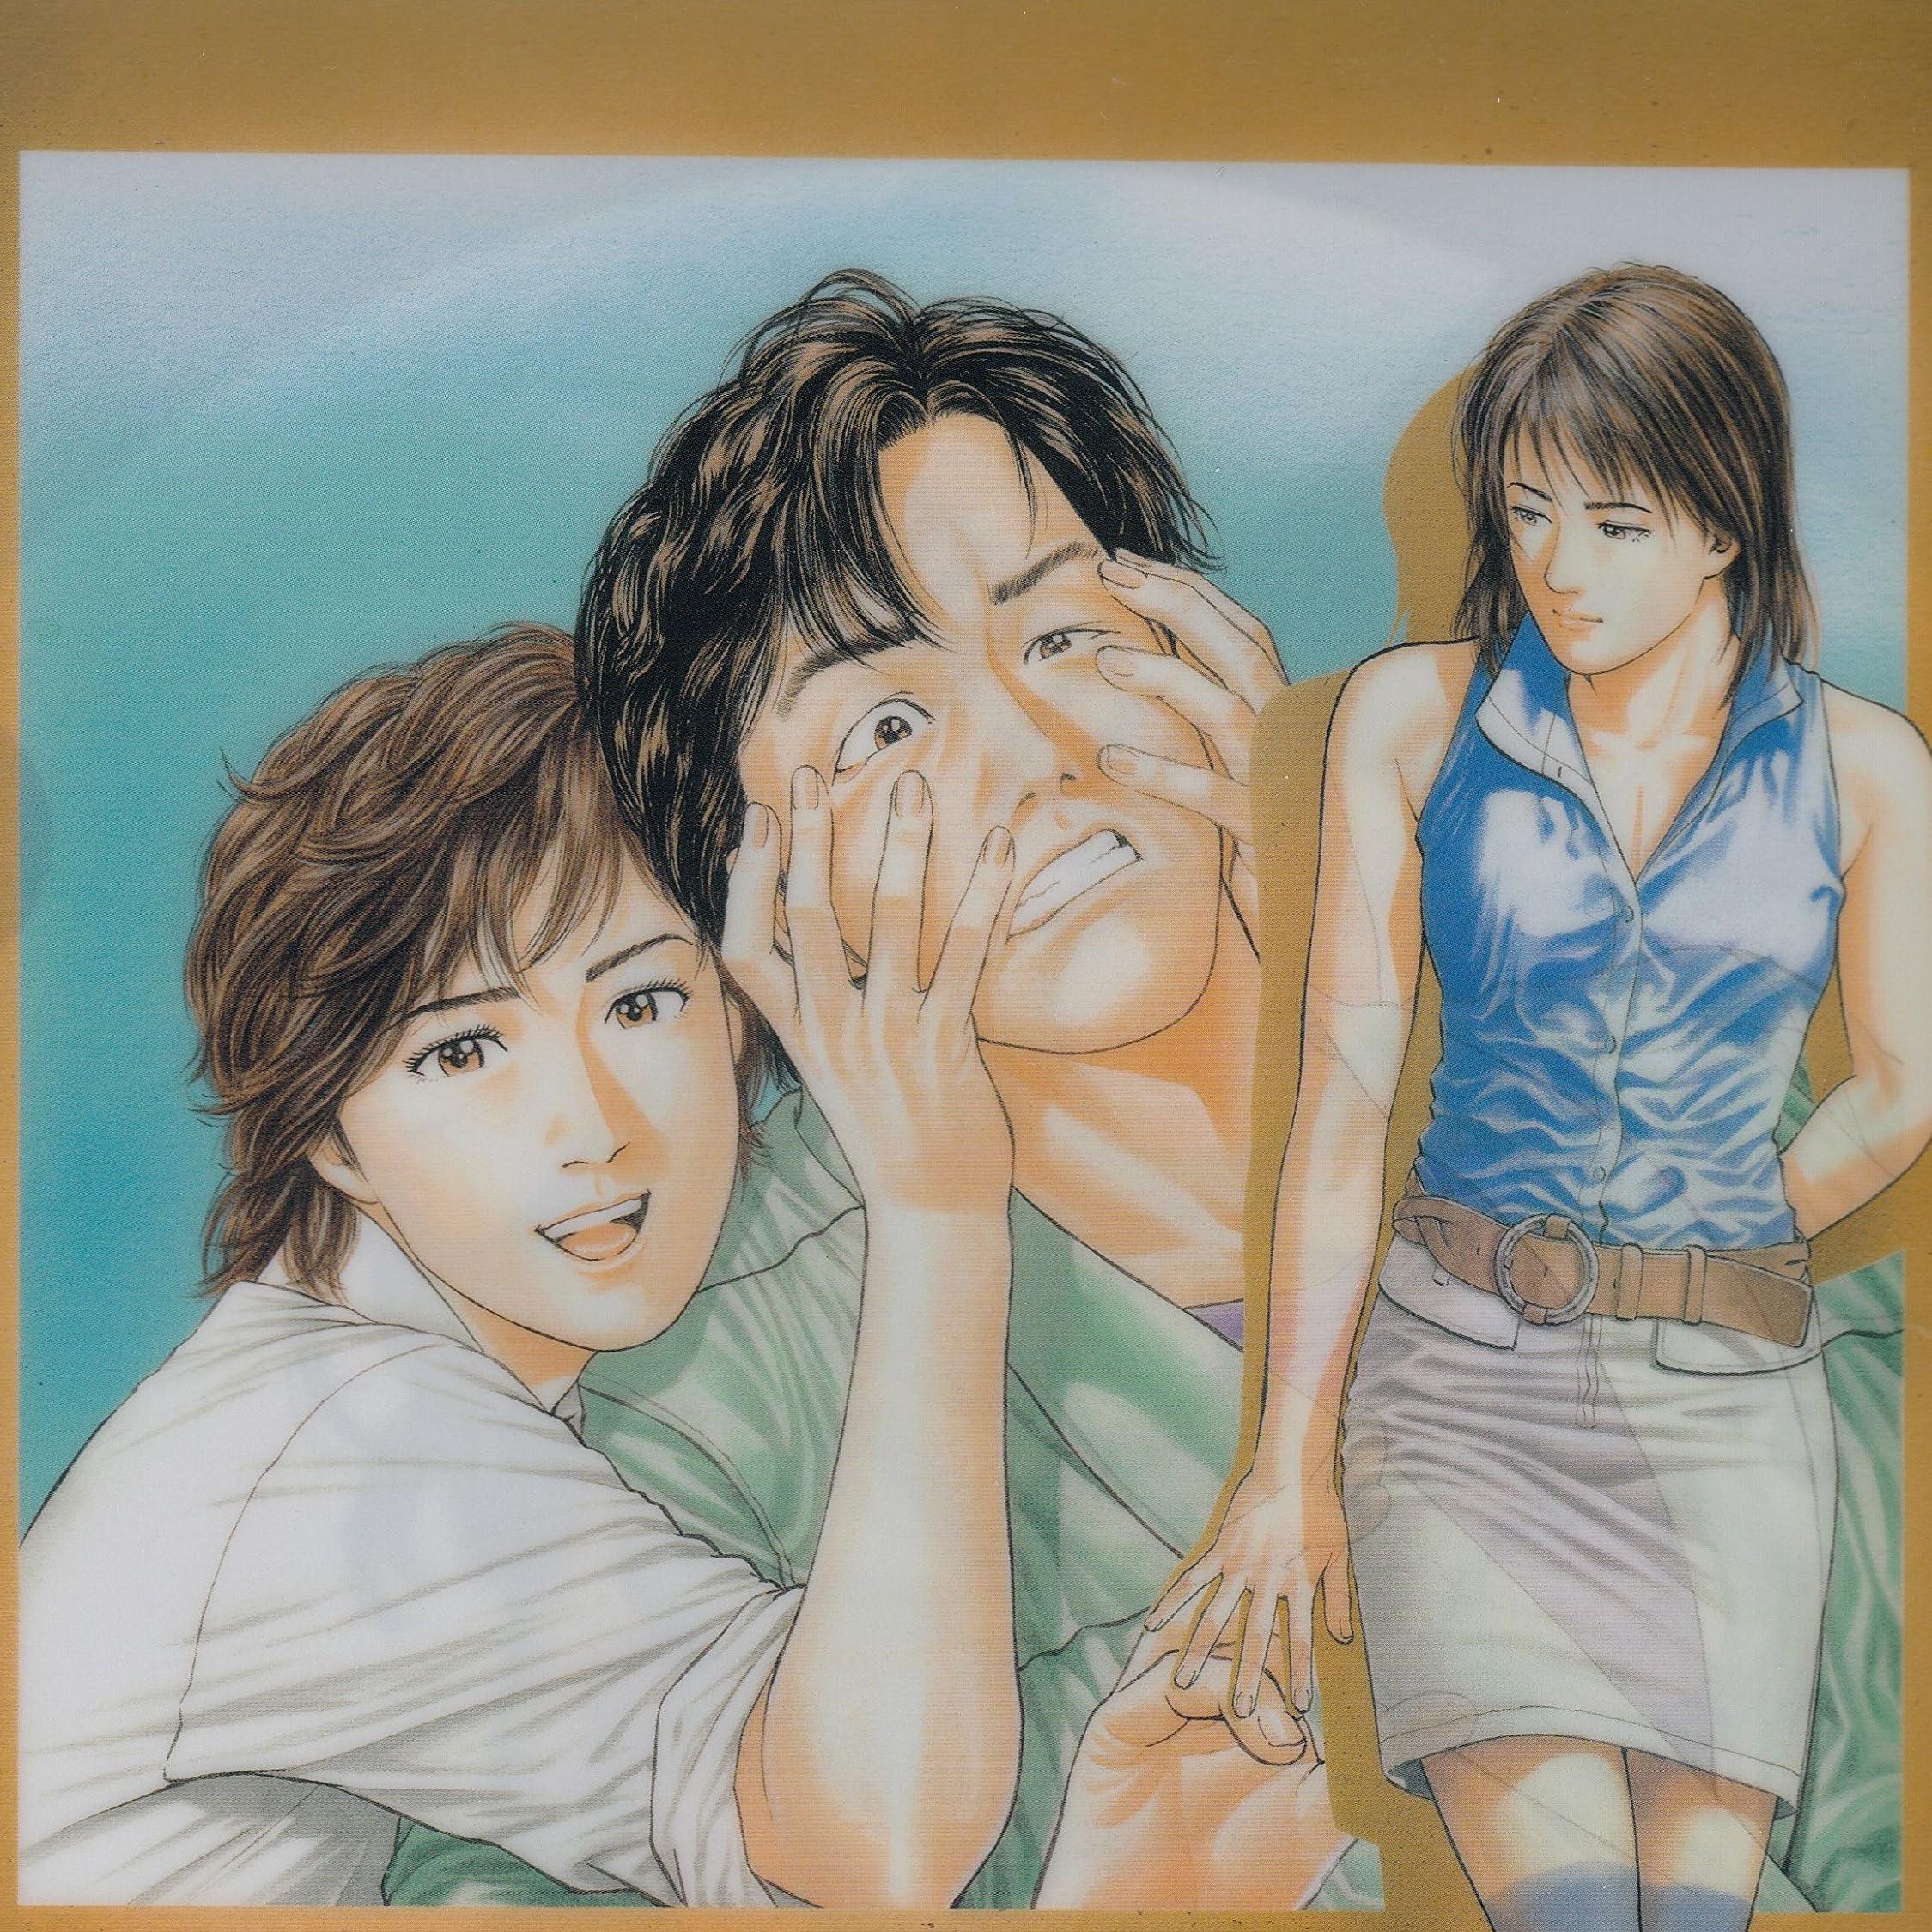 槇村香の画像 p1_9